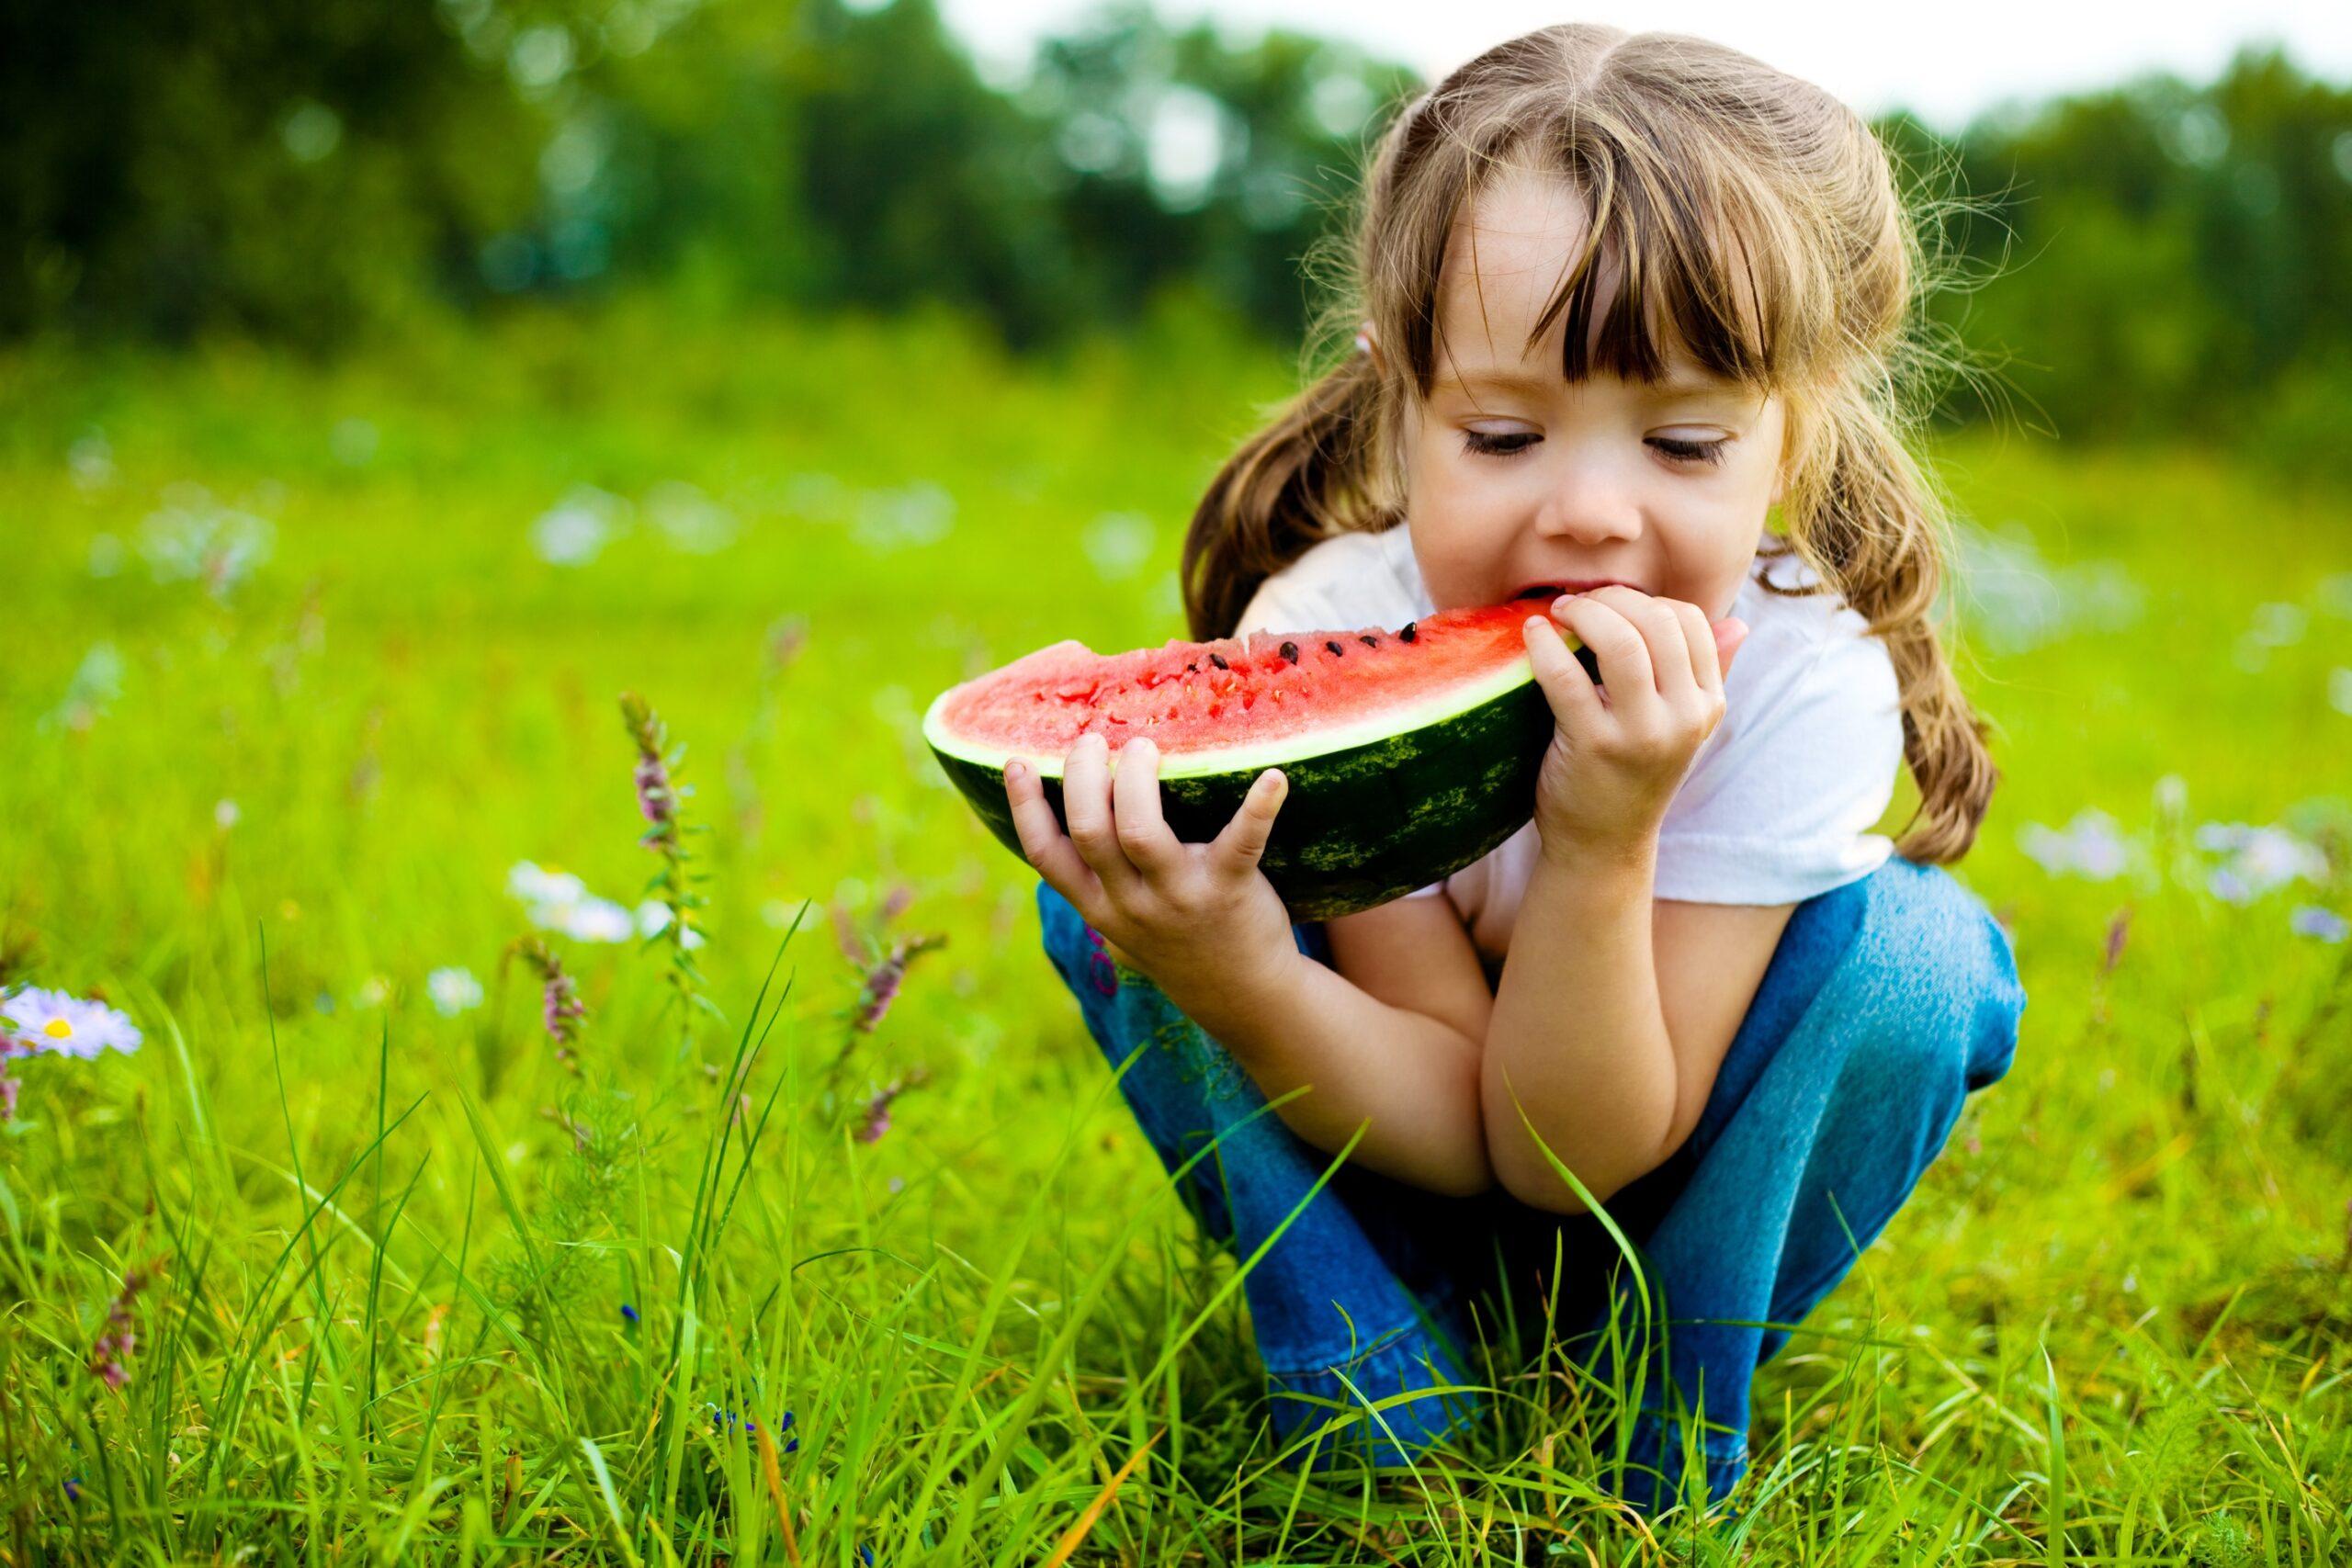 Alimentación saludable en la infancia Tratamiento natural de la ansiedad by Bionutrición Ortomolecular